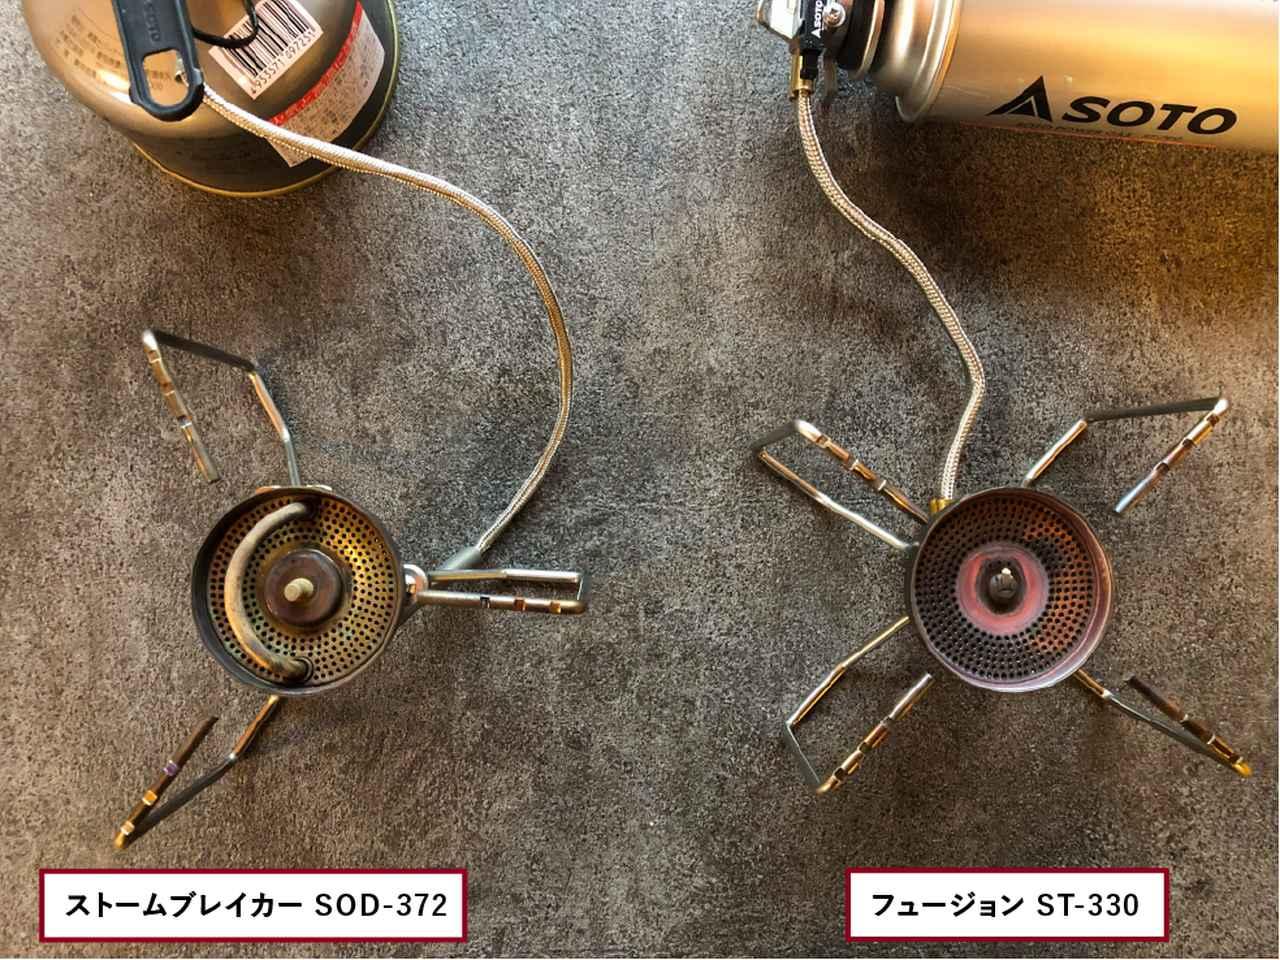 画像: 筆者撮影 ストームブレイカー(左・外径170mm)とフュージョン(右・外径165mm)*どちらもSOTO製